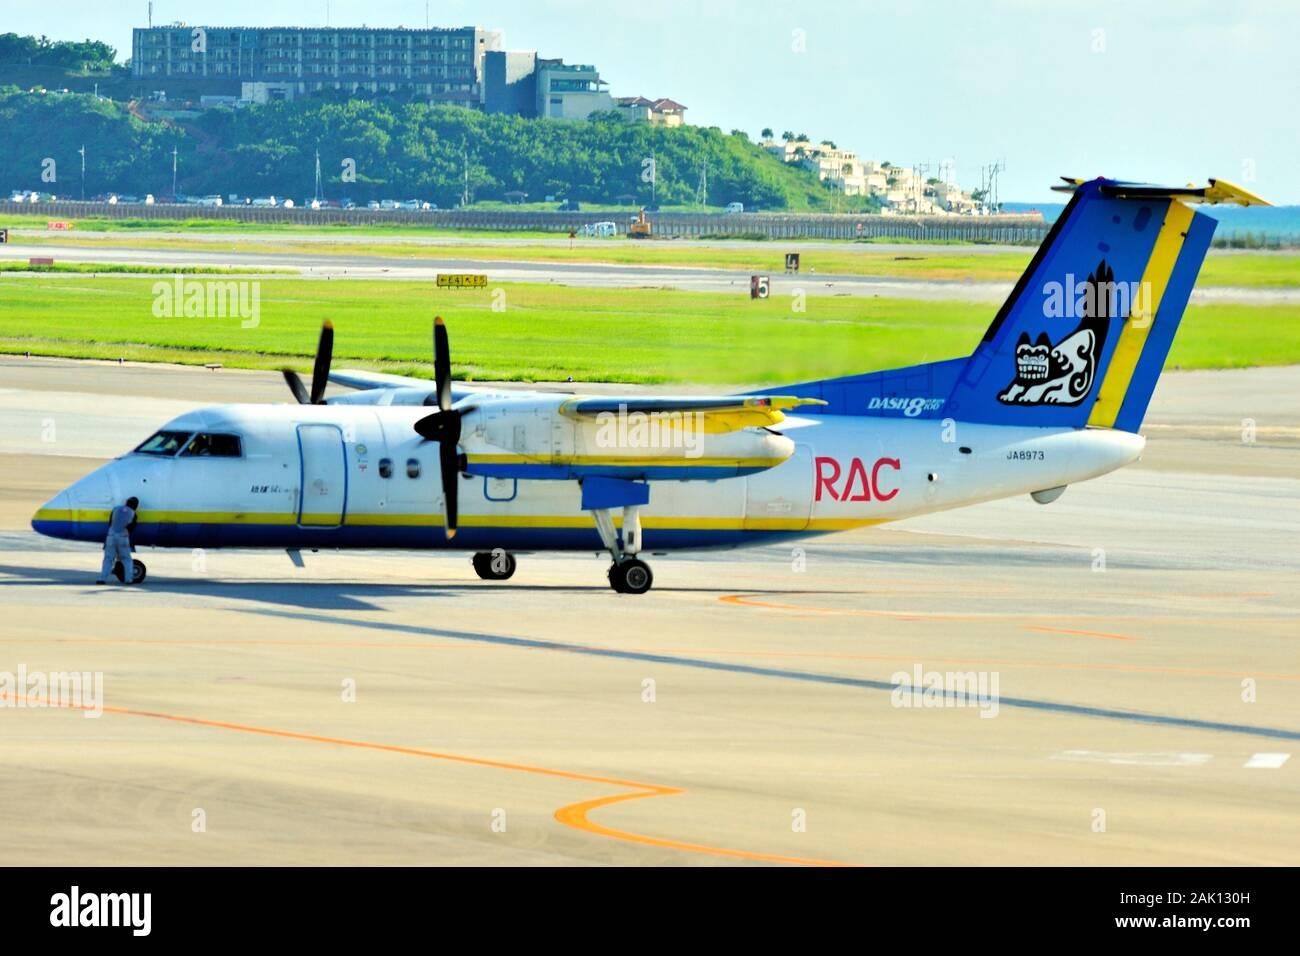 """Ryukyu di """" commuters """" Aria, RAC, De Havilland Canada Dash 8, DHC-8-100, JA8973, tenetevi pronti per la partenza dall'Aeroporto di Naha, Okinawa, in Giappone Foto Stock"""